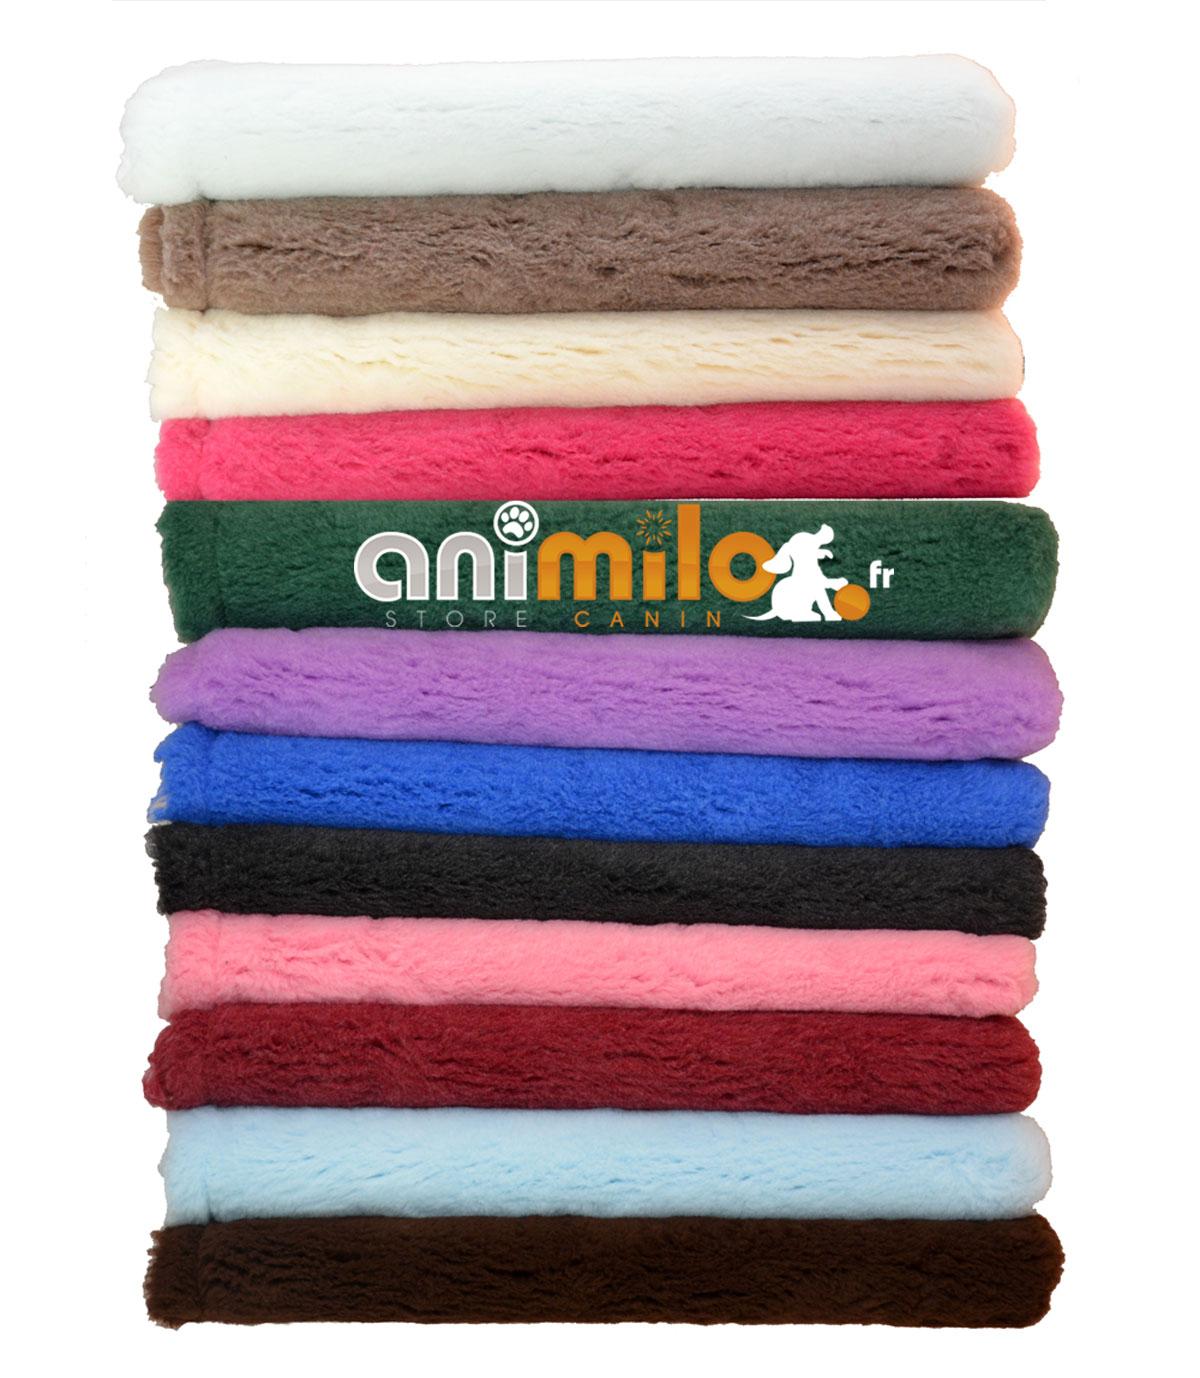 tapis drainant confortbed eleveur couleur uni épaisseur 32 mm